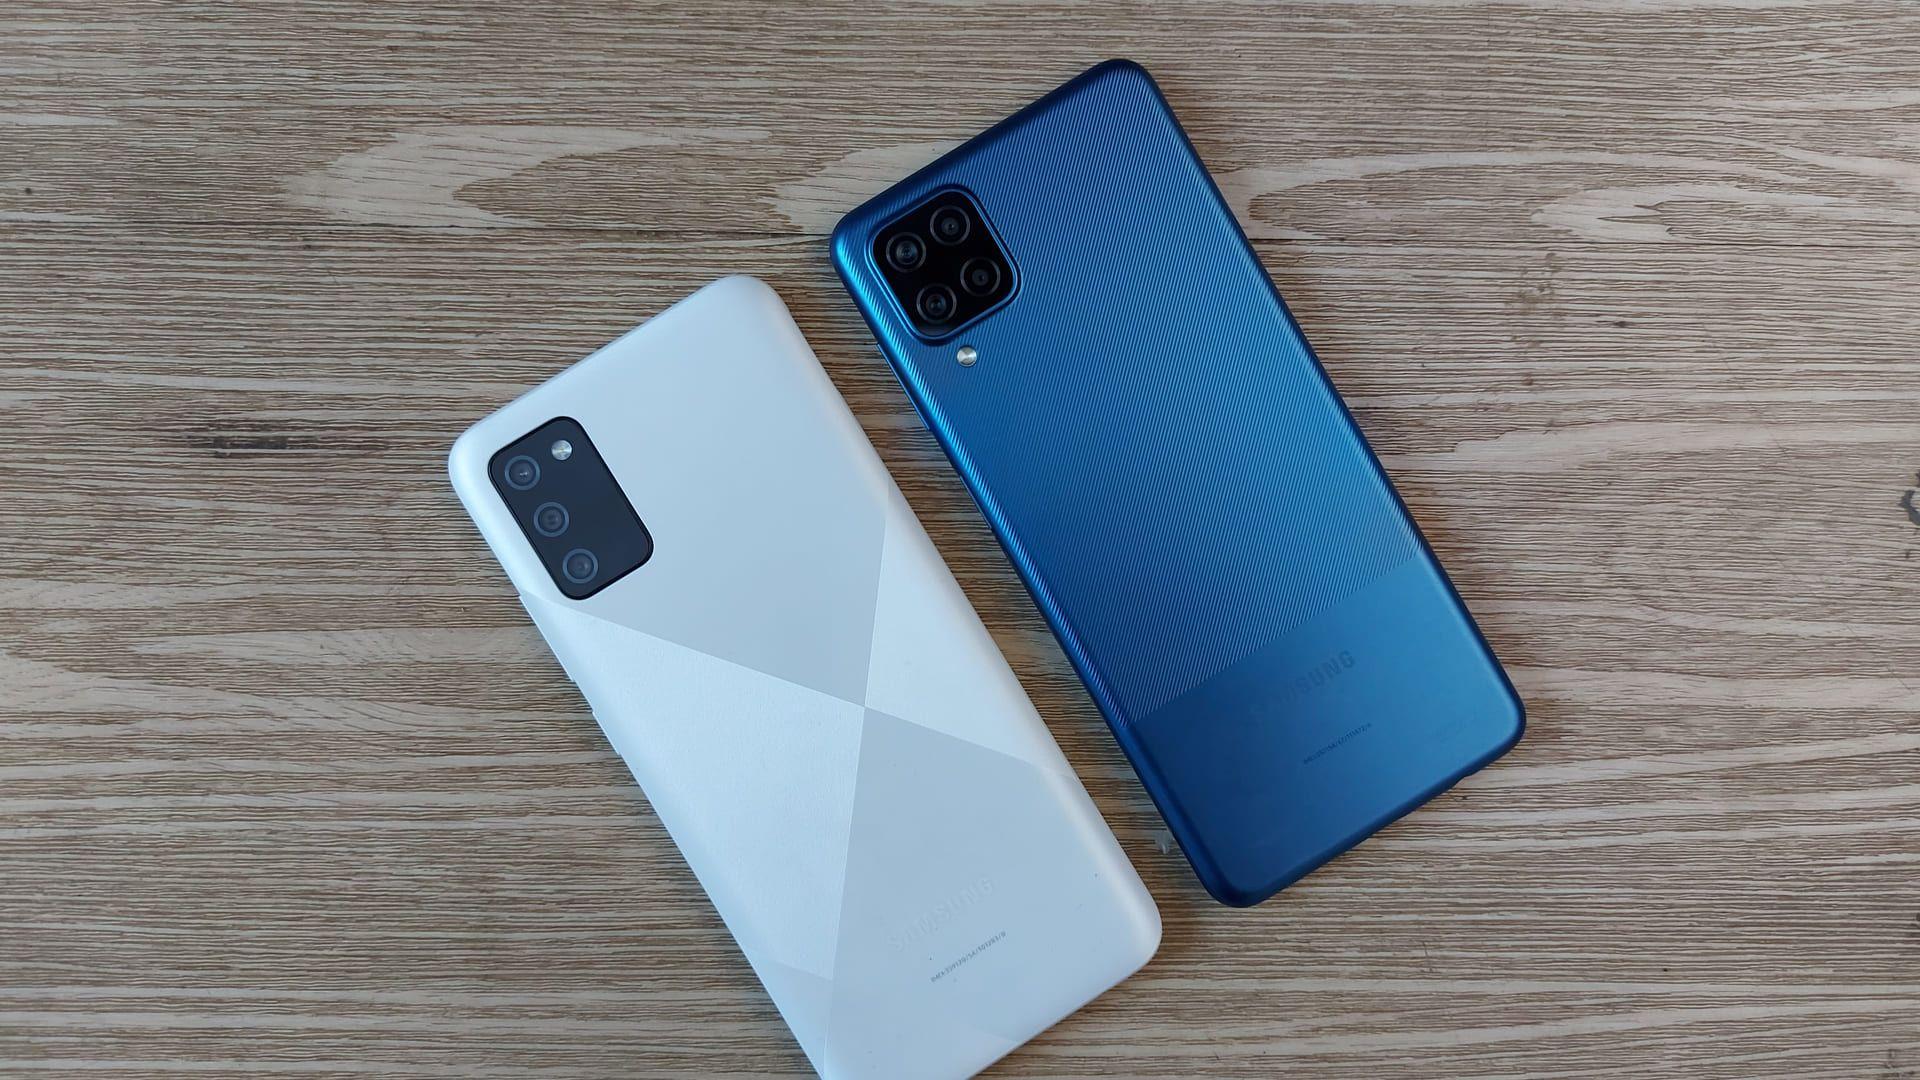 Foto mostra parte traseira de dois celulares Samsung, sendo um deles o A02s